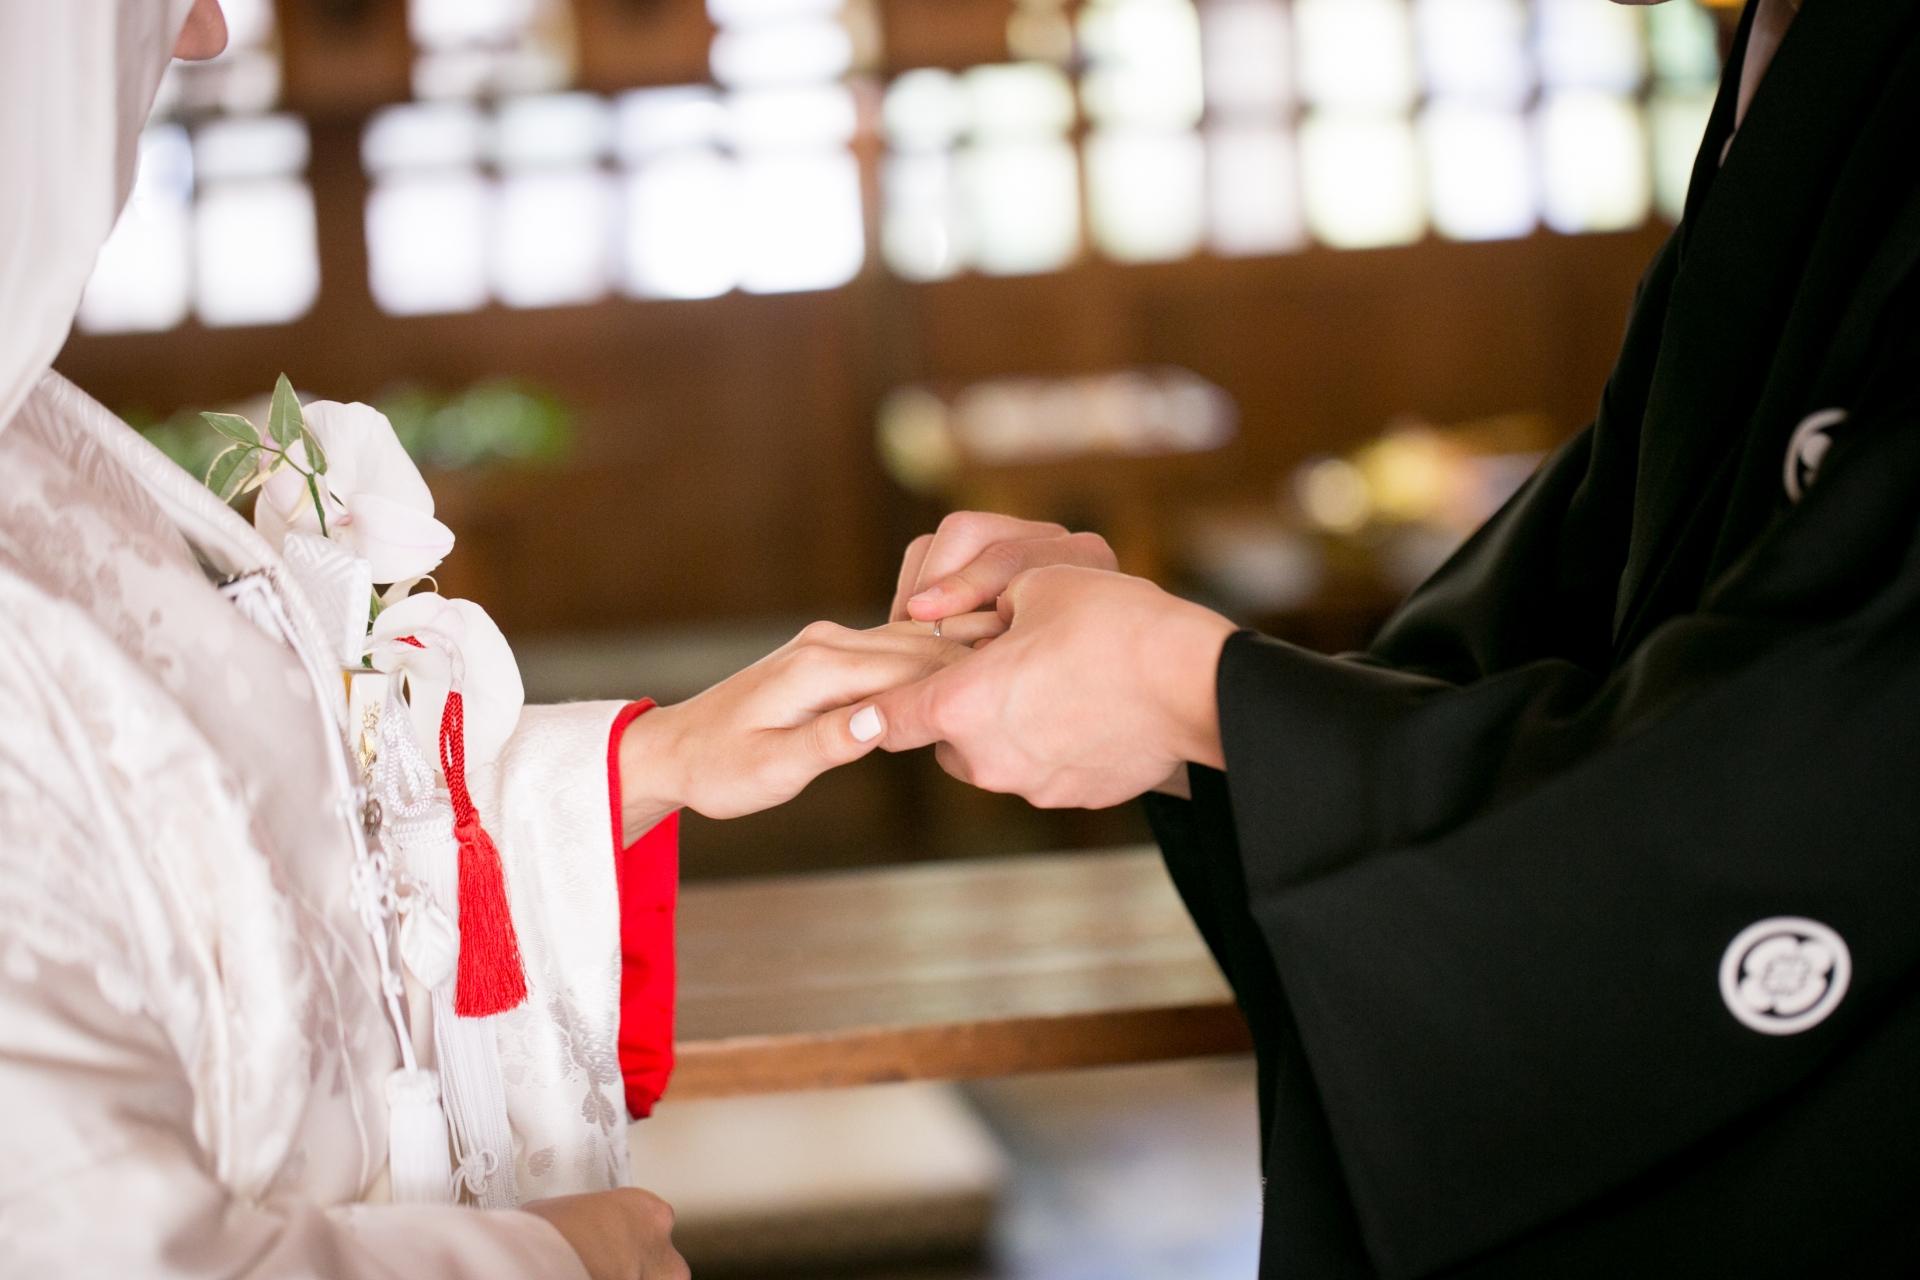 💛成婚事例です。婚活中の方・初めて婚活を考えている方へ 8月31日のブログの続きです💛 8月31日のブログをご覧いただいてから、続いてこちらをご覧ください♪